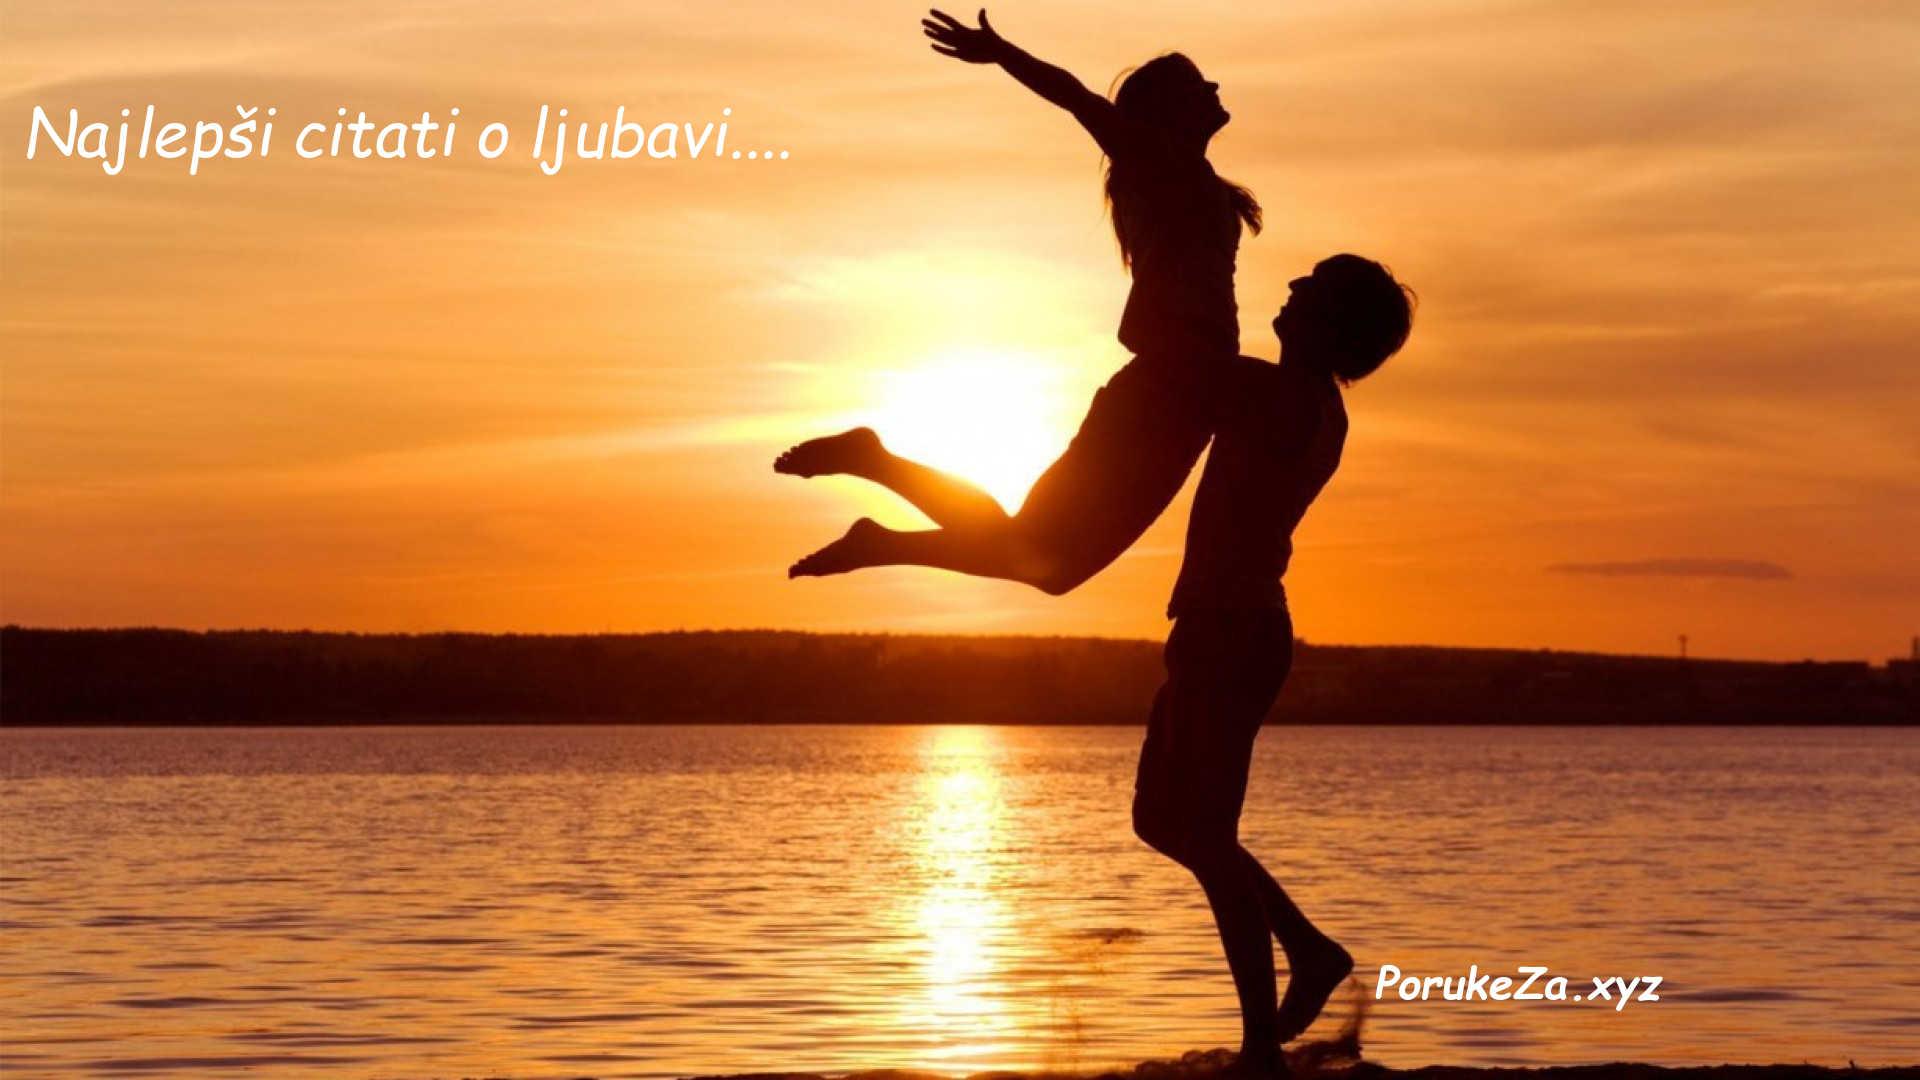 citati o ljubavi poruke čestitke najlepše najbolje